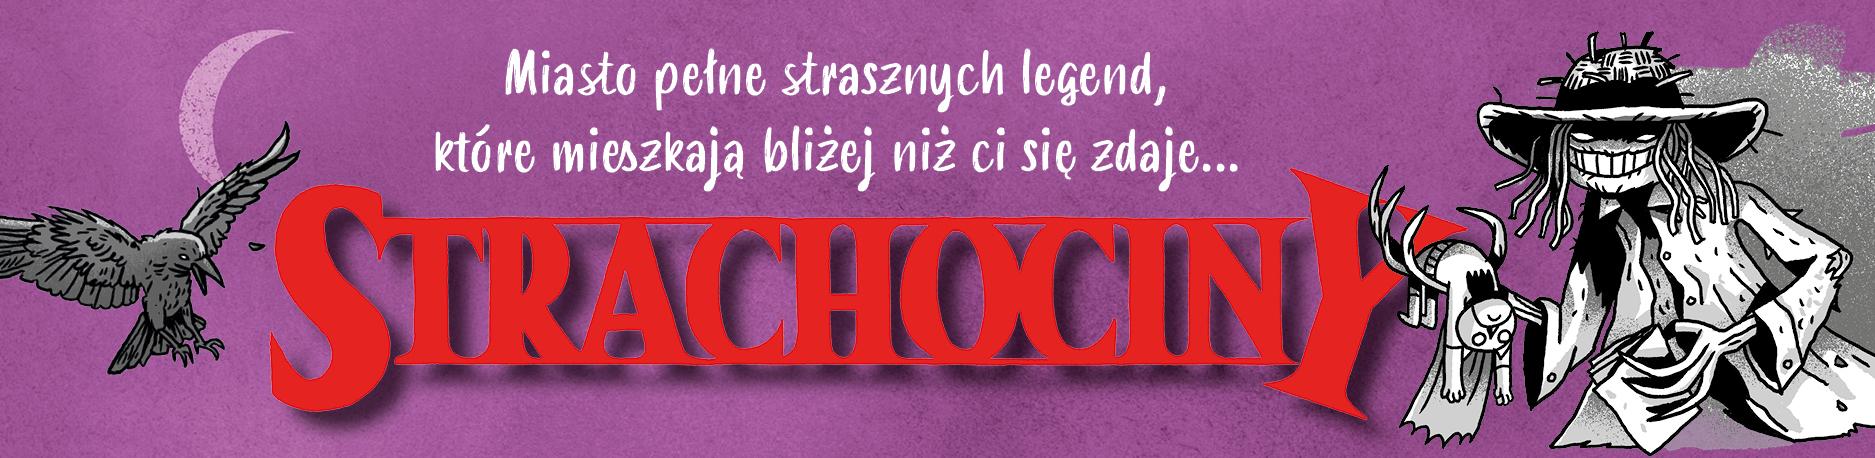 Strachociny